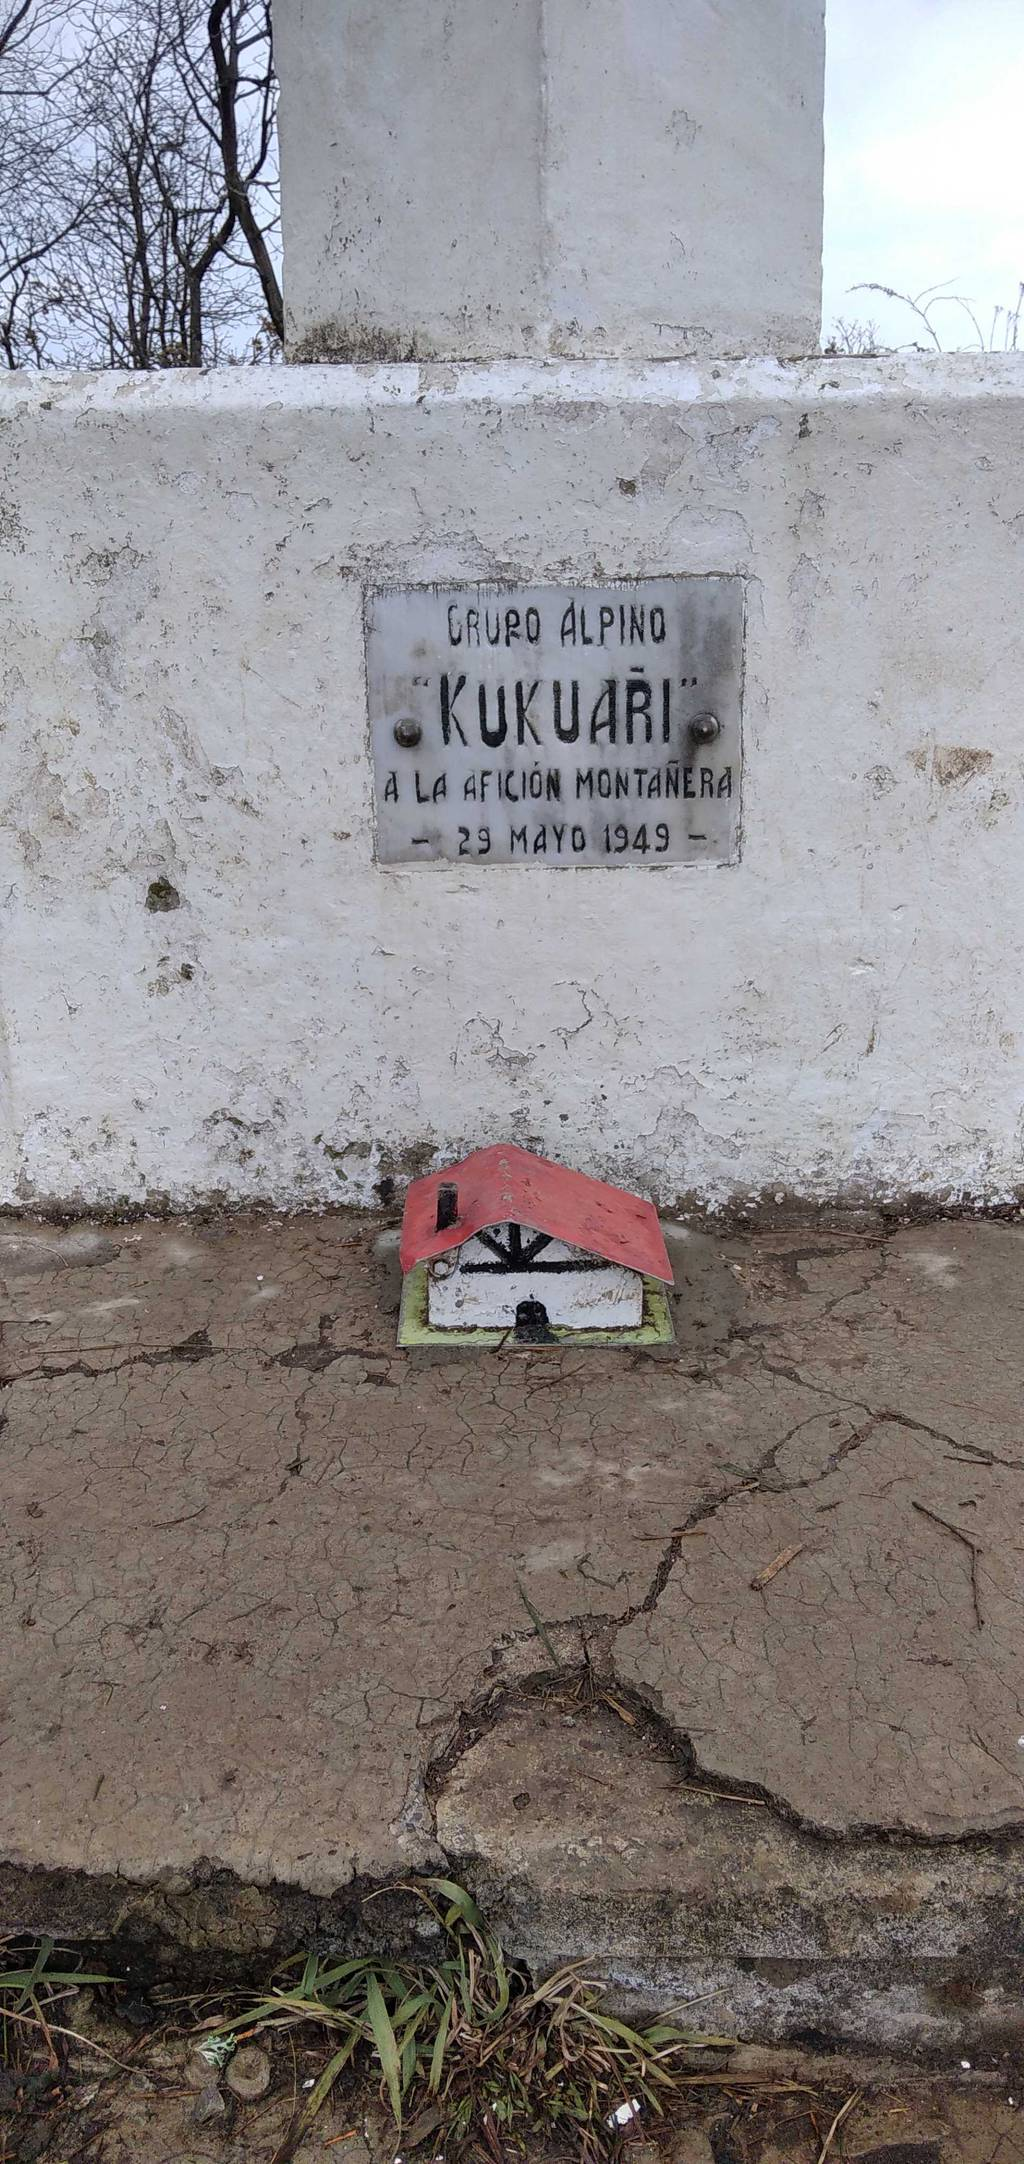 Ainara Martin Aizpurua erabiltzailea Kukuarri puntan, 2021-01-10 13:31